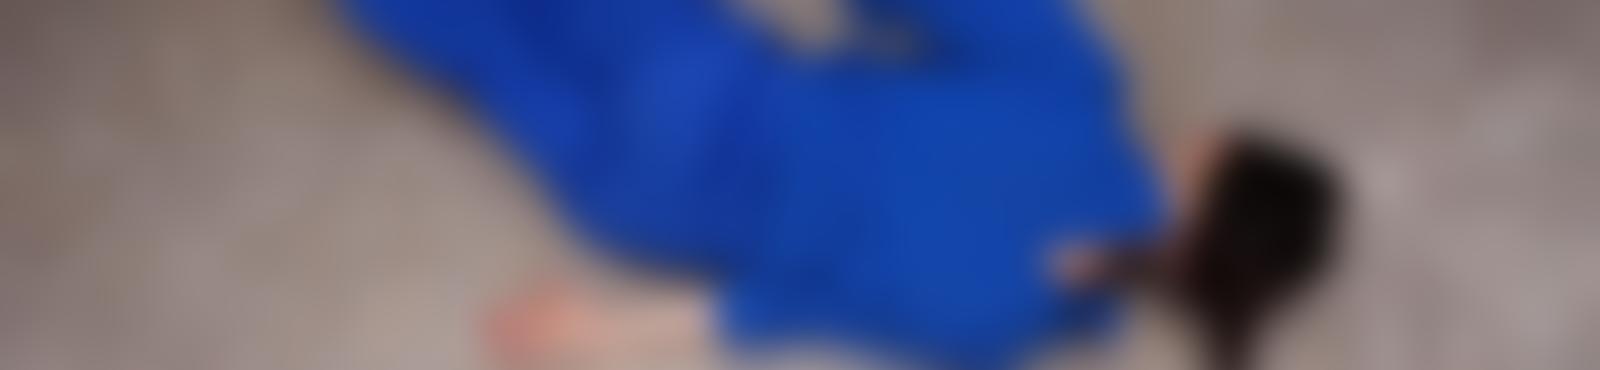 Blurred d5273e05 a91c 46f2 a96c b169113980c8